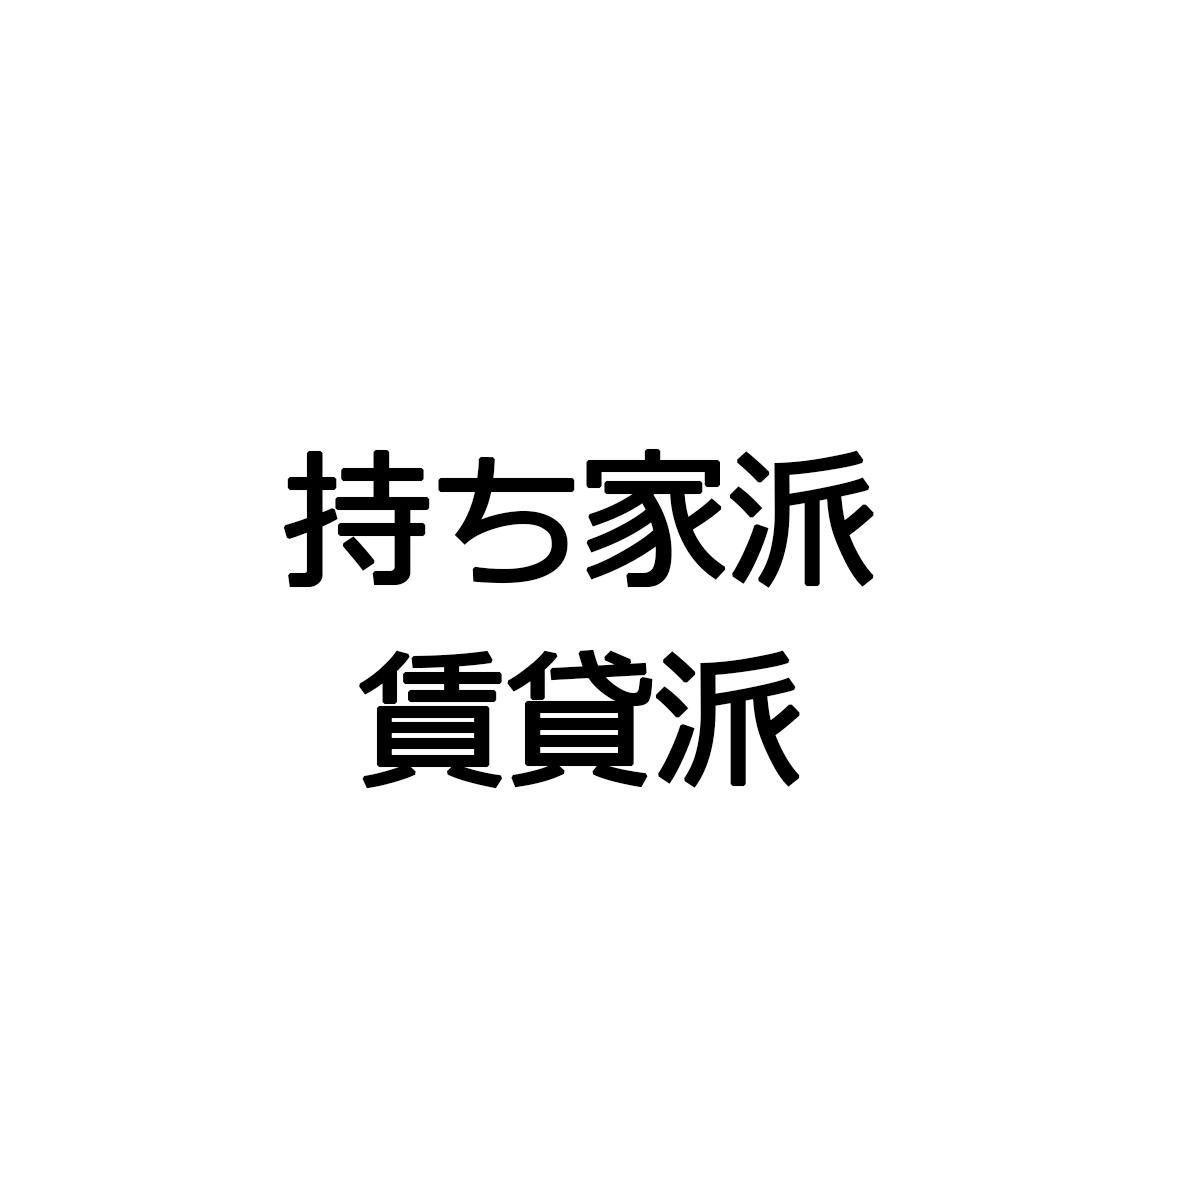 f:id:gusan42:20190615072716j:plain